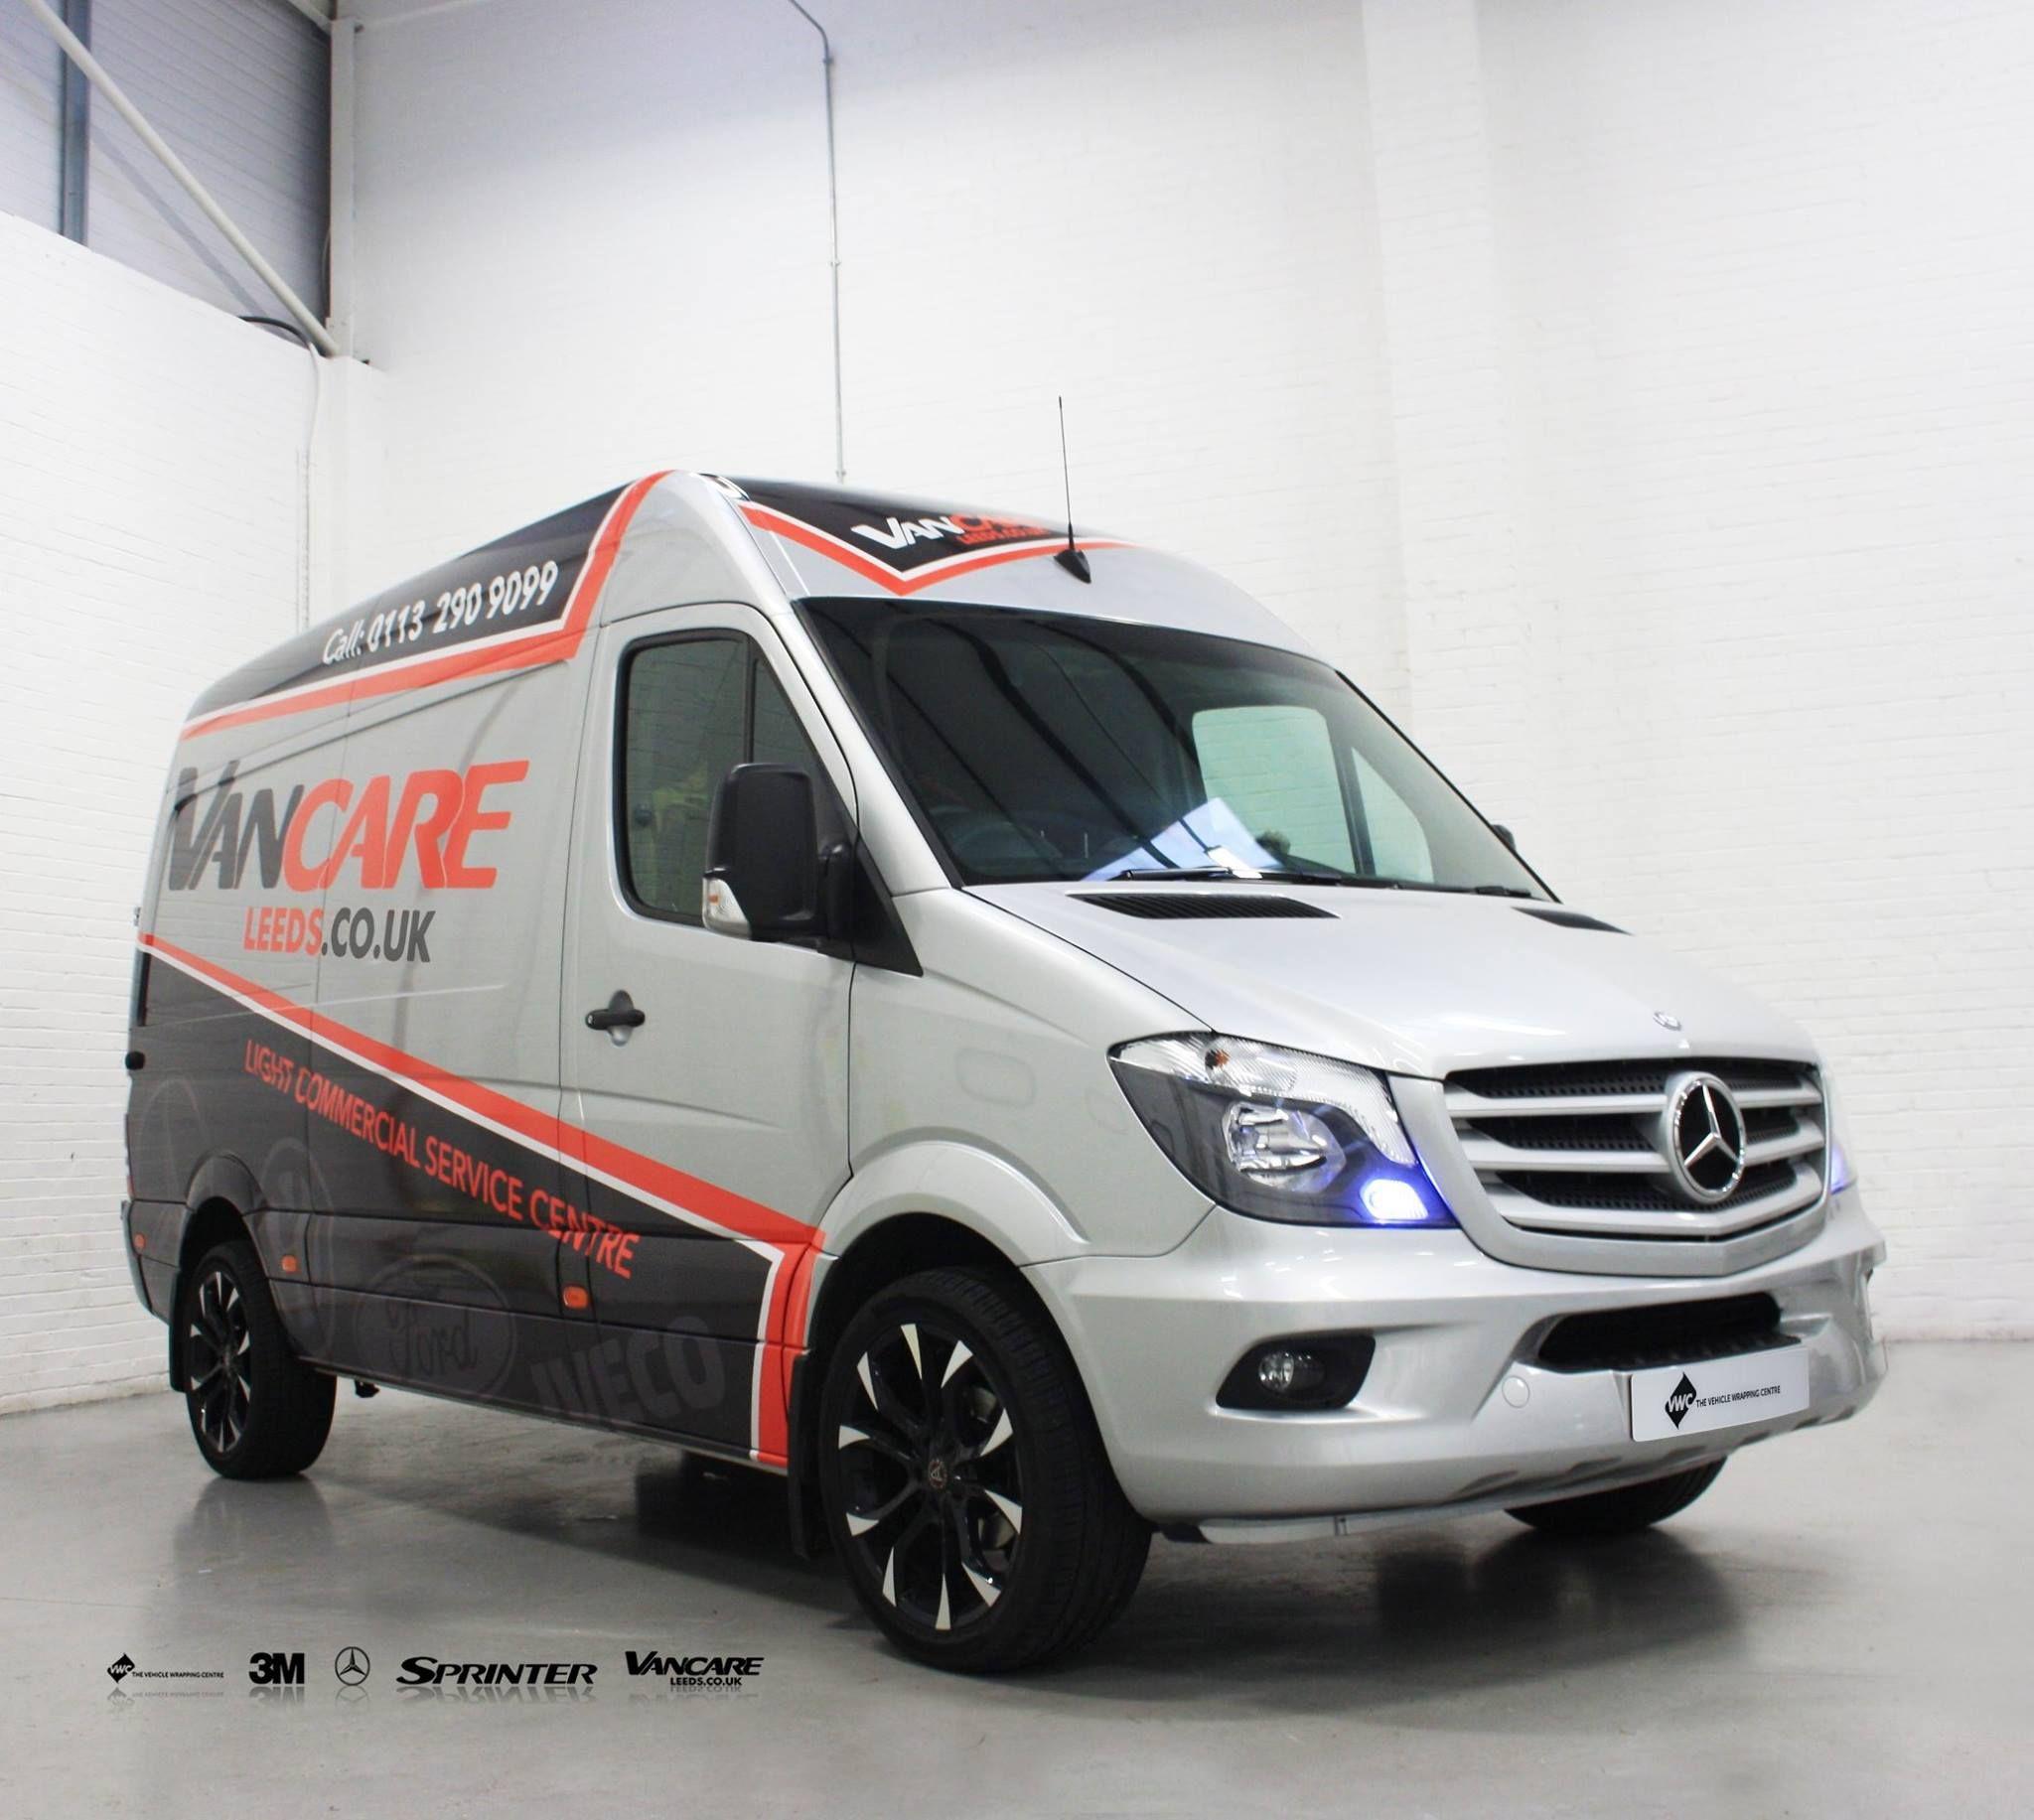 Personal Vehicle Wrap Portfolio Habillages De Vehicules